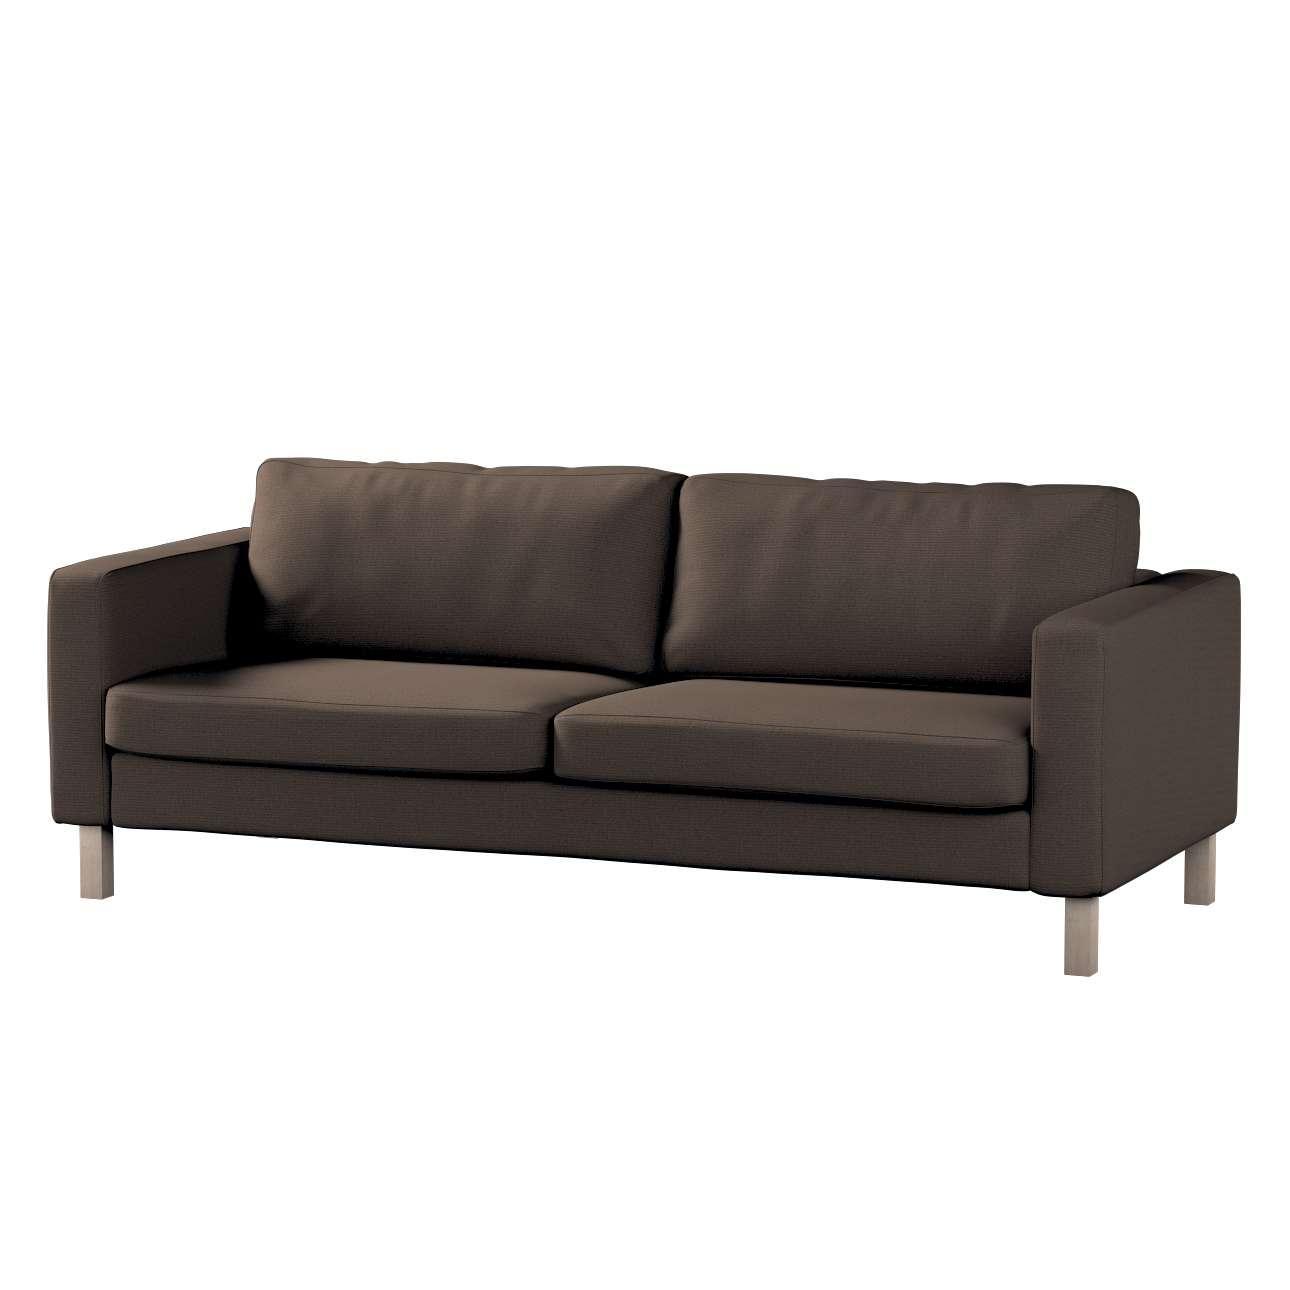 Potah na pohovku IKEA Karlstad, 3-místná, rozkládací v kolekci Etna, látka: 705-08